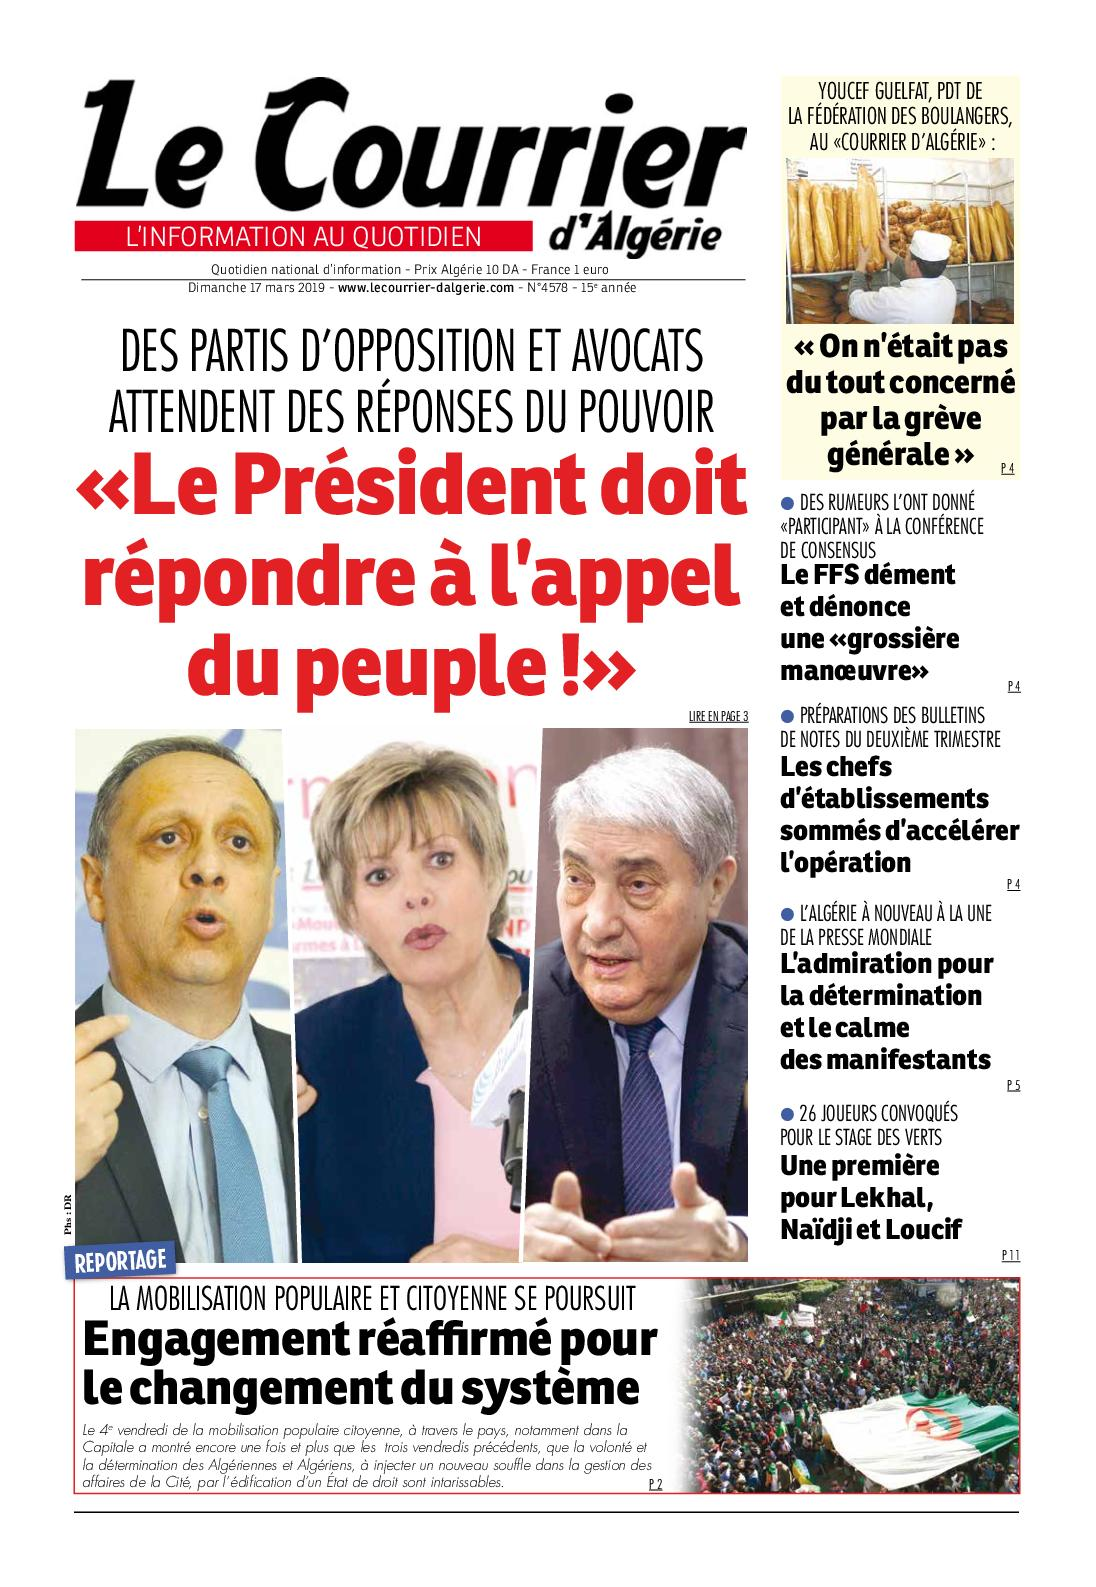 Le Courrier d'Algérie du dimanche 17 mars 2019